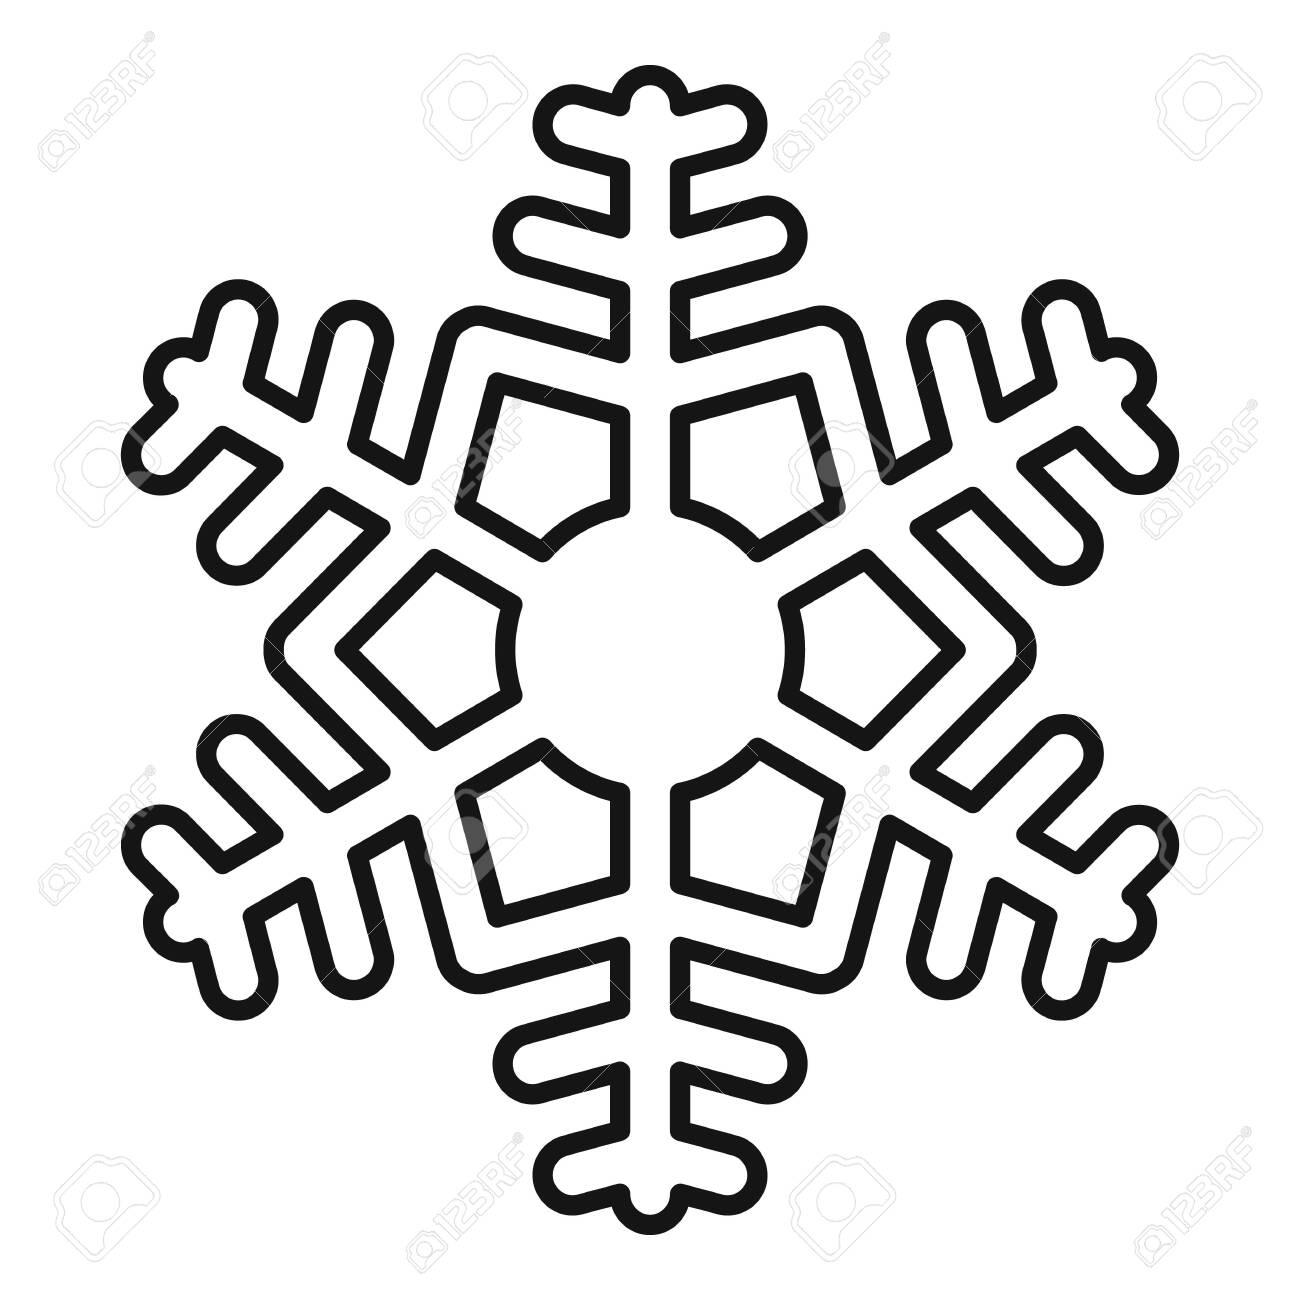 New snow snowflake icon, outline style - 147938575